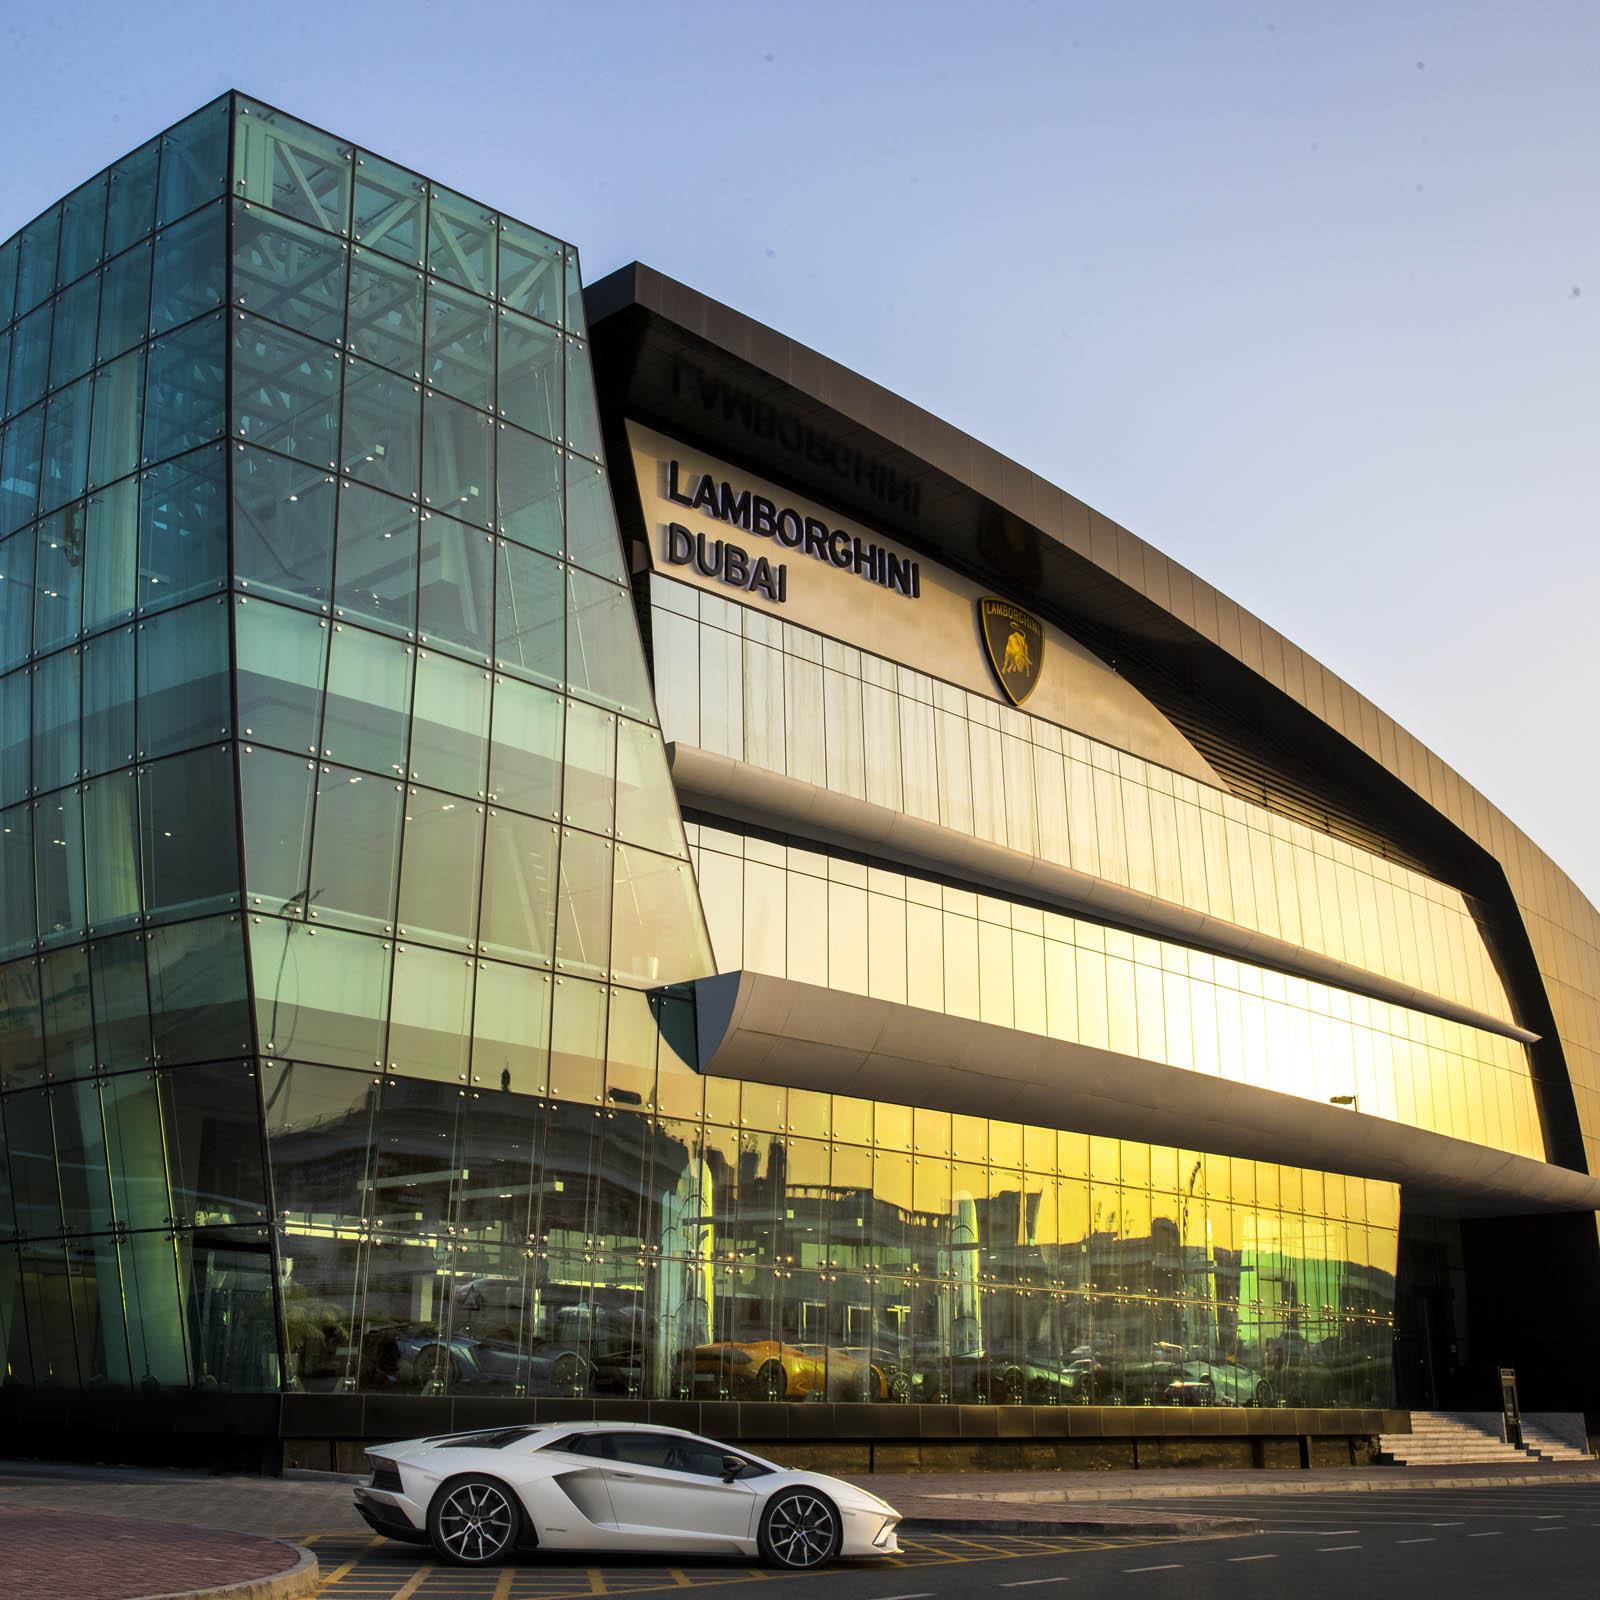 Lamborghini-Dubai-4.jpg